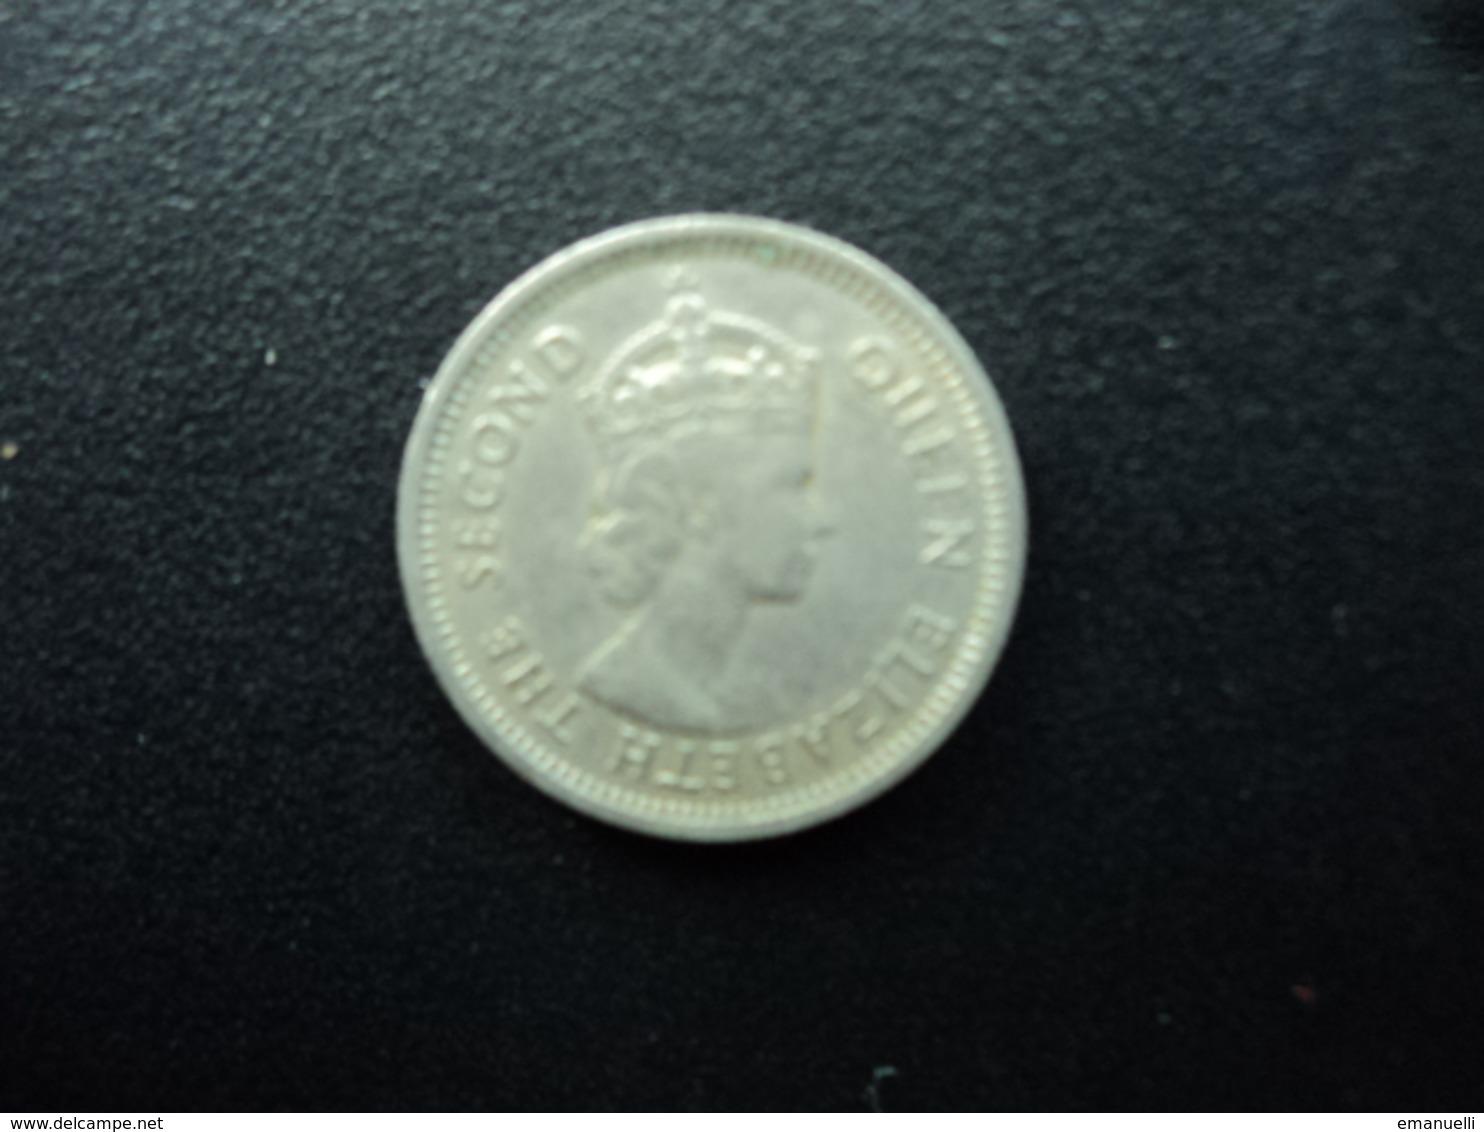 CARAÏBES ORIENTALES : 10 CENTS  1964   KM 5    SUP - Caraïbes Orientales (Etats Des)